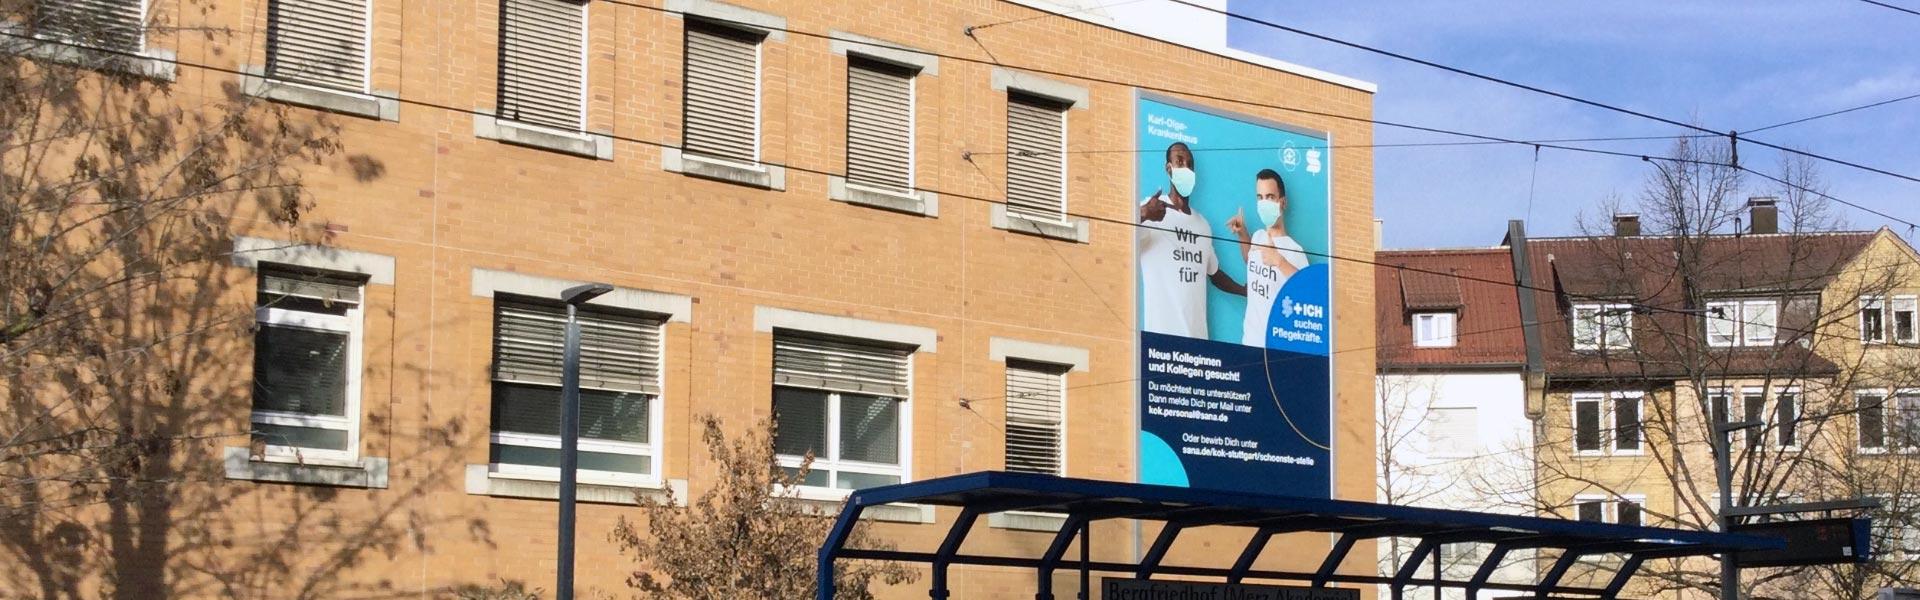 Werbeanlage Stuttgart: Neue Fassadenwerbung für das Karl-Olga-Krankenhaus mit dem Werbelifter+, Weitwinkelaufnahme